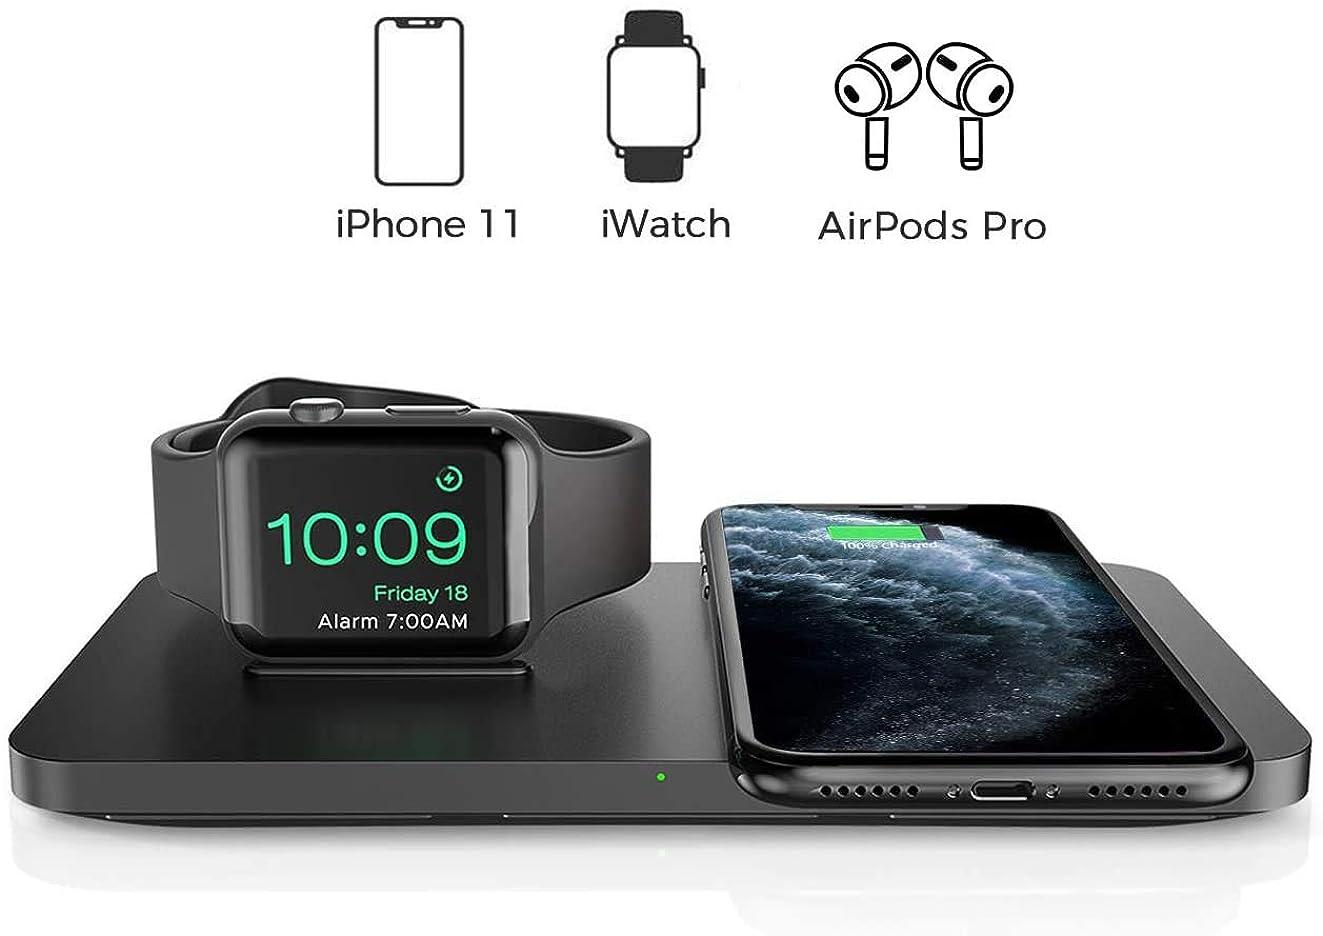 宝滴下牛【2020年最新版】Seneo ワイヤレス充電器 2in1 Apple Watch対応 ワイヤレス チャージャー iPhone 11 / 11 Pro / 11 Pro Max/SE(第2世代) / XS/XS Max/XR/X / 8 / 8...